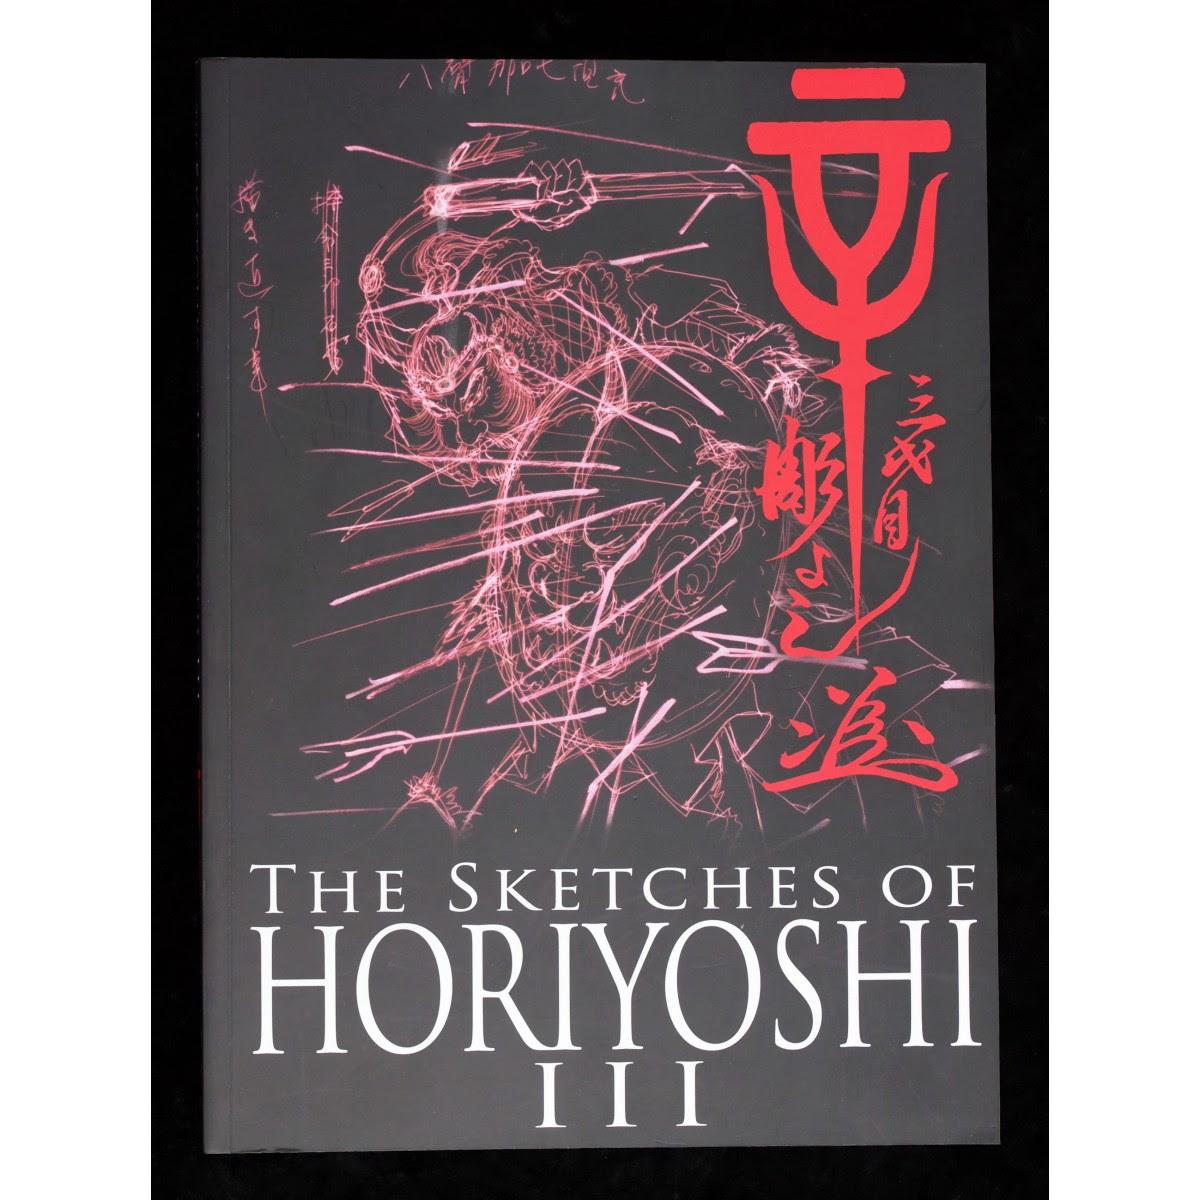 The Sketches of Horiyoshi III